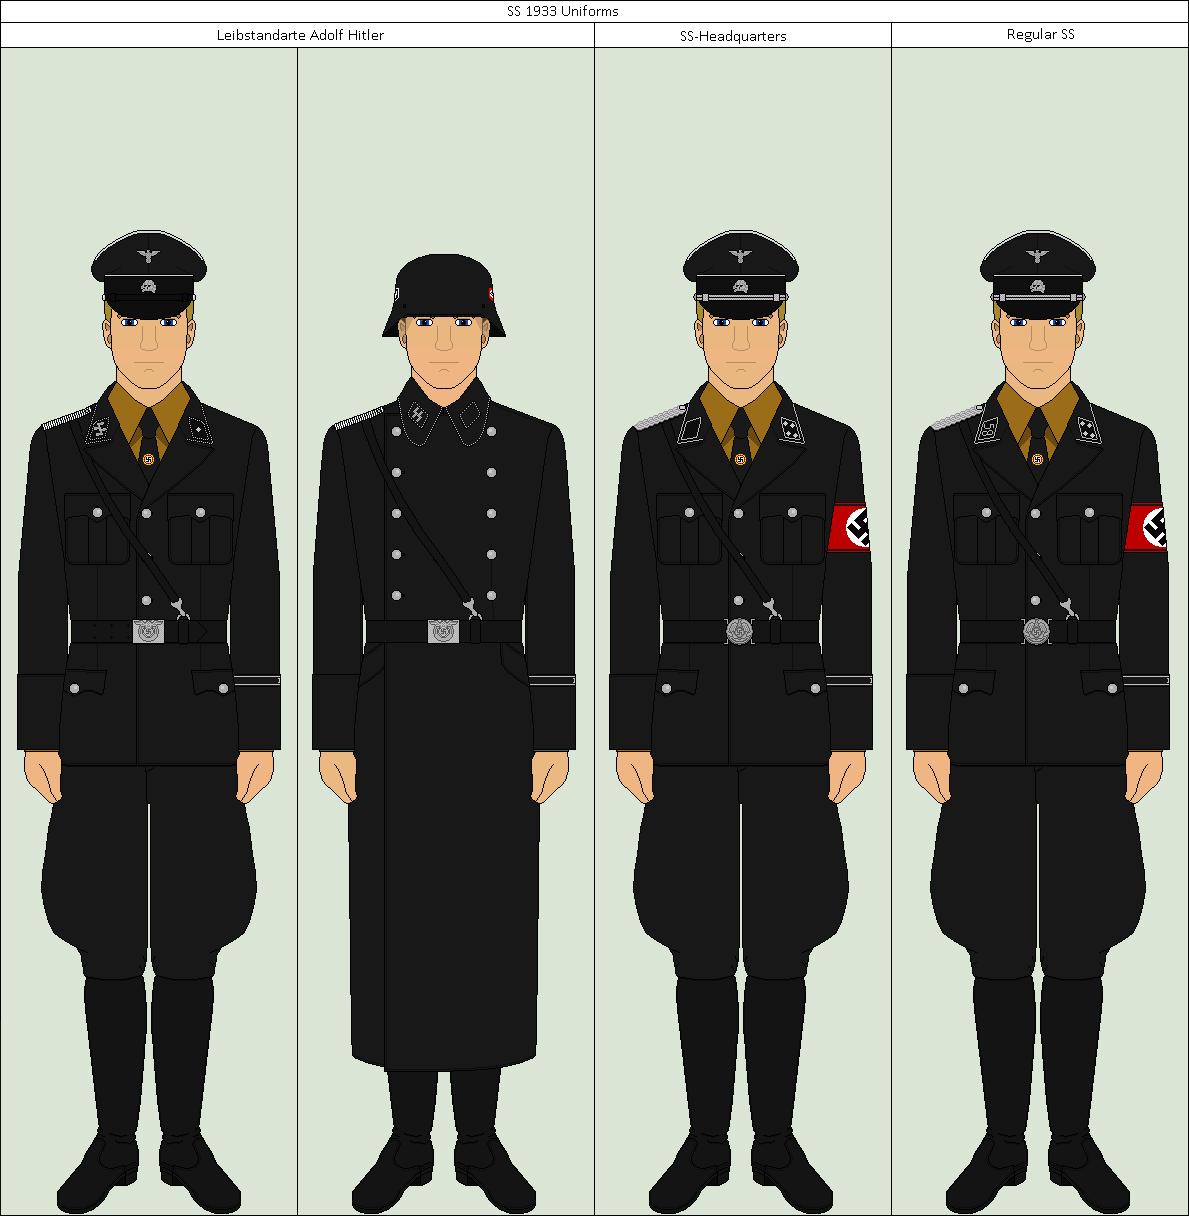 1933 Ss Uniforms By Major Vianna On Deviantart